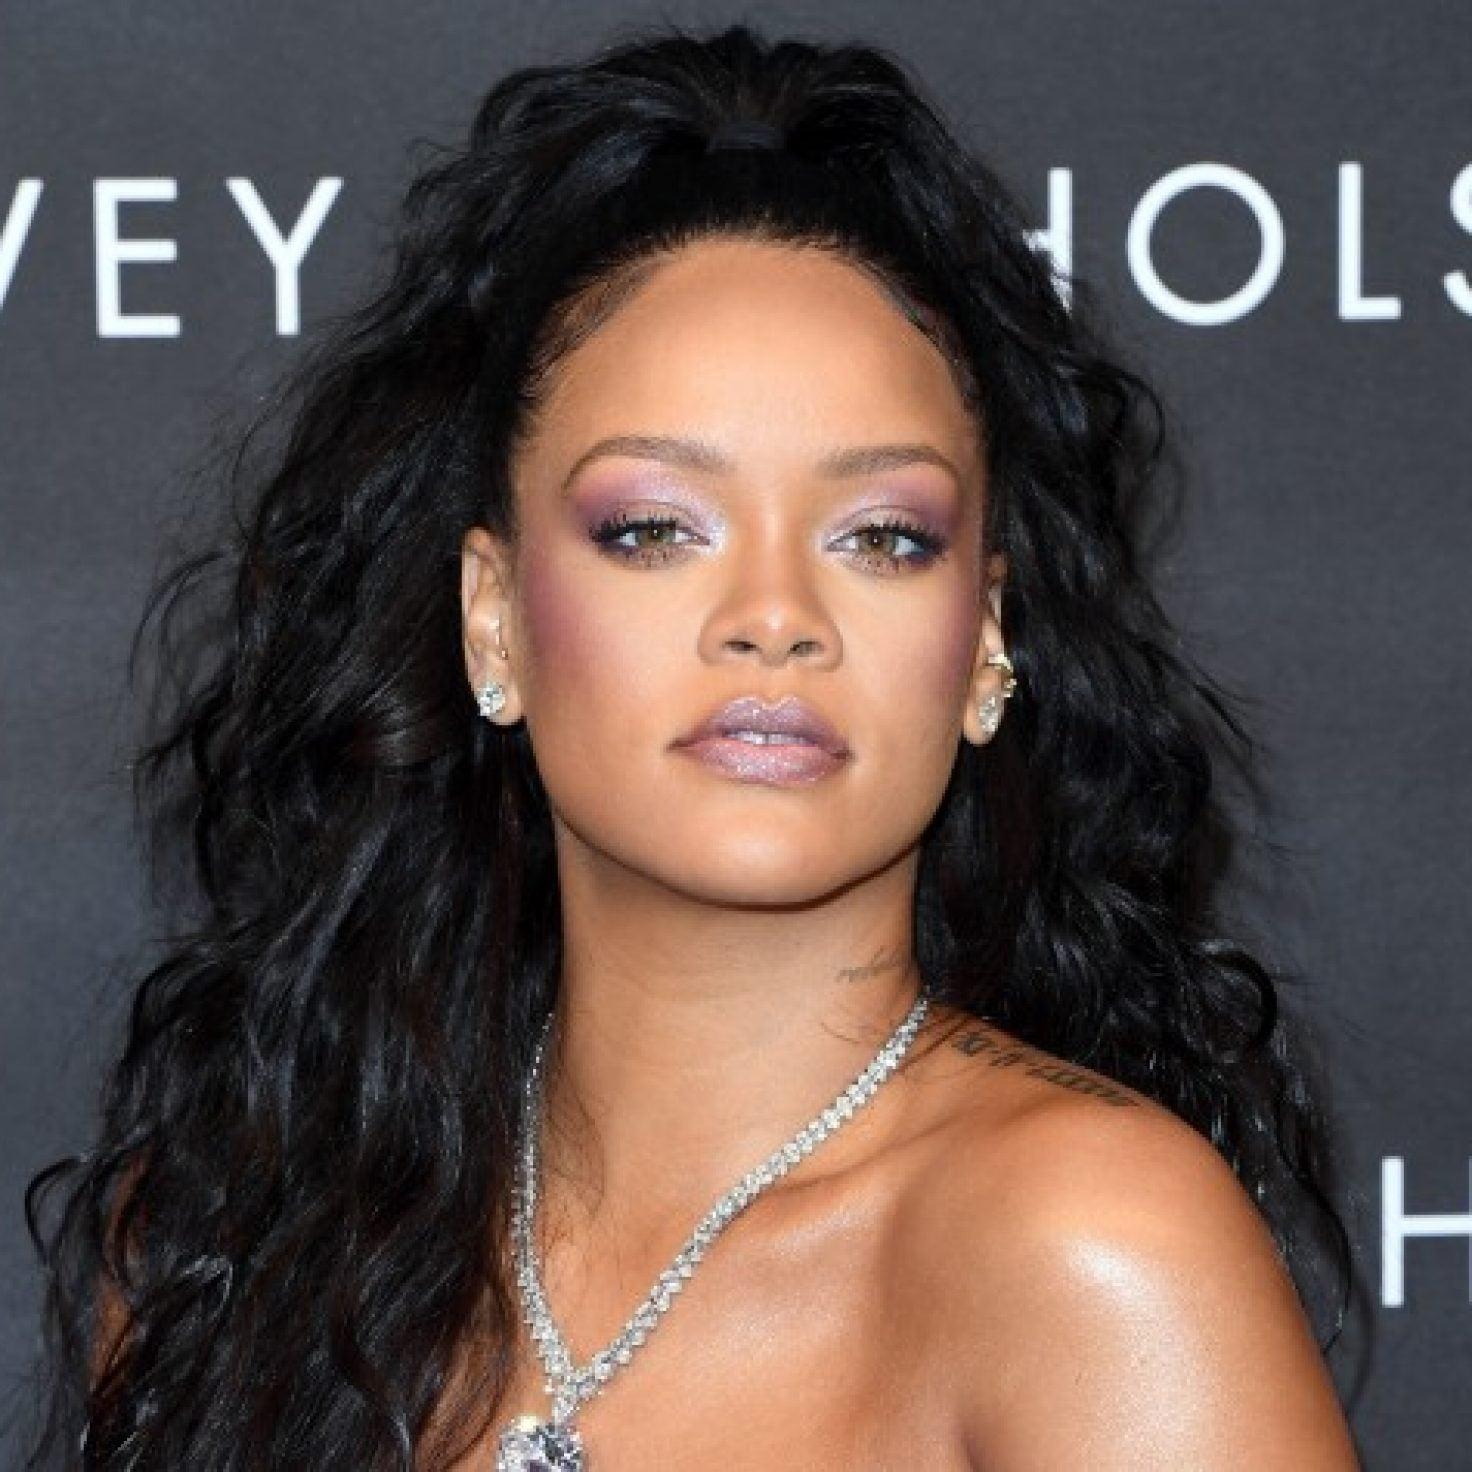 Rihanna Proves Blue Eyeliner Looks Good On Deep Skin Tones